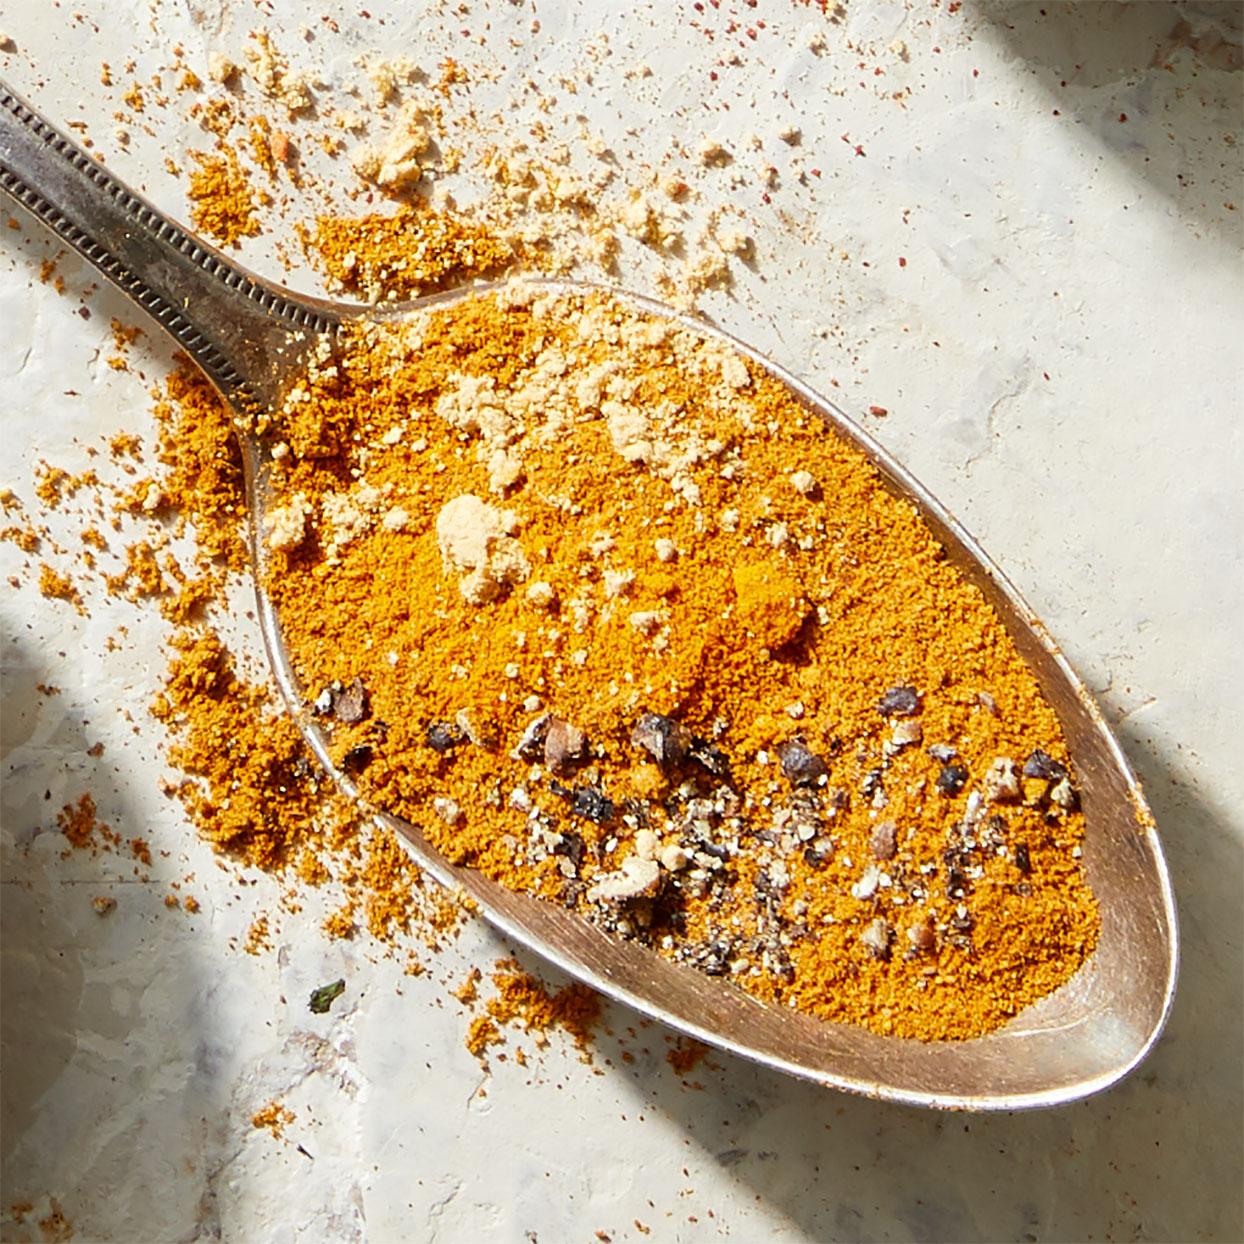 Baharat Spice Mix Amy Riolo